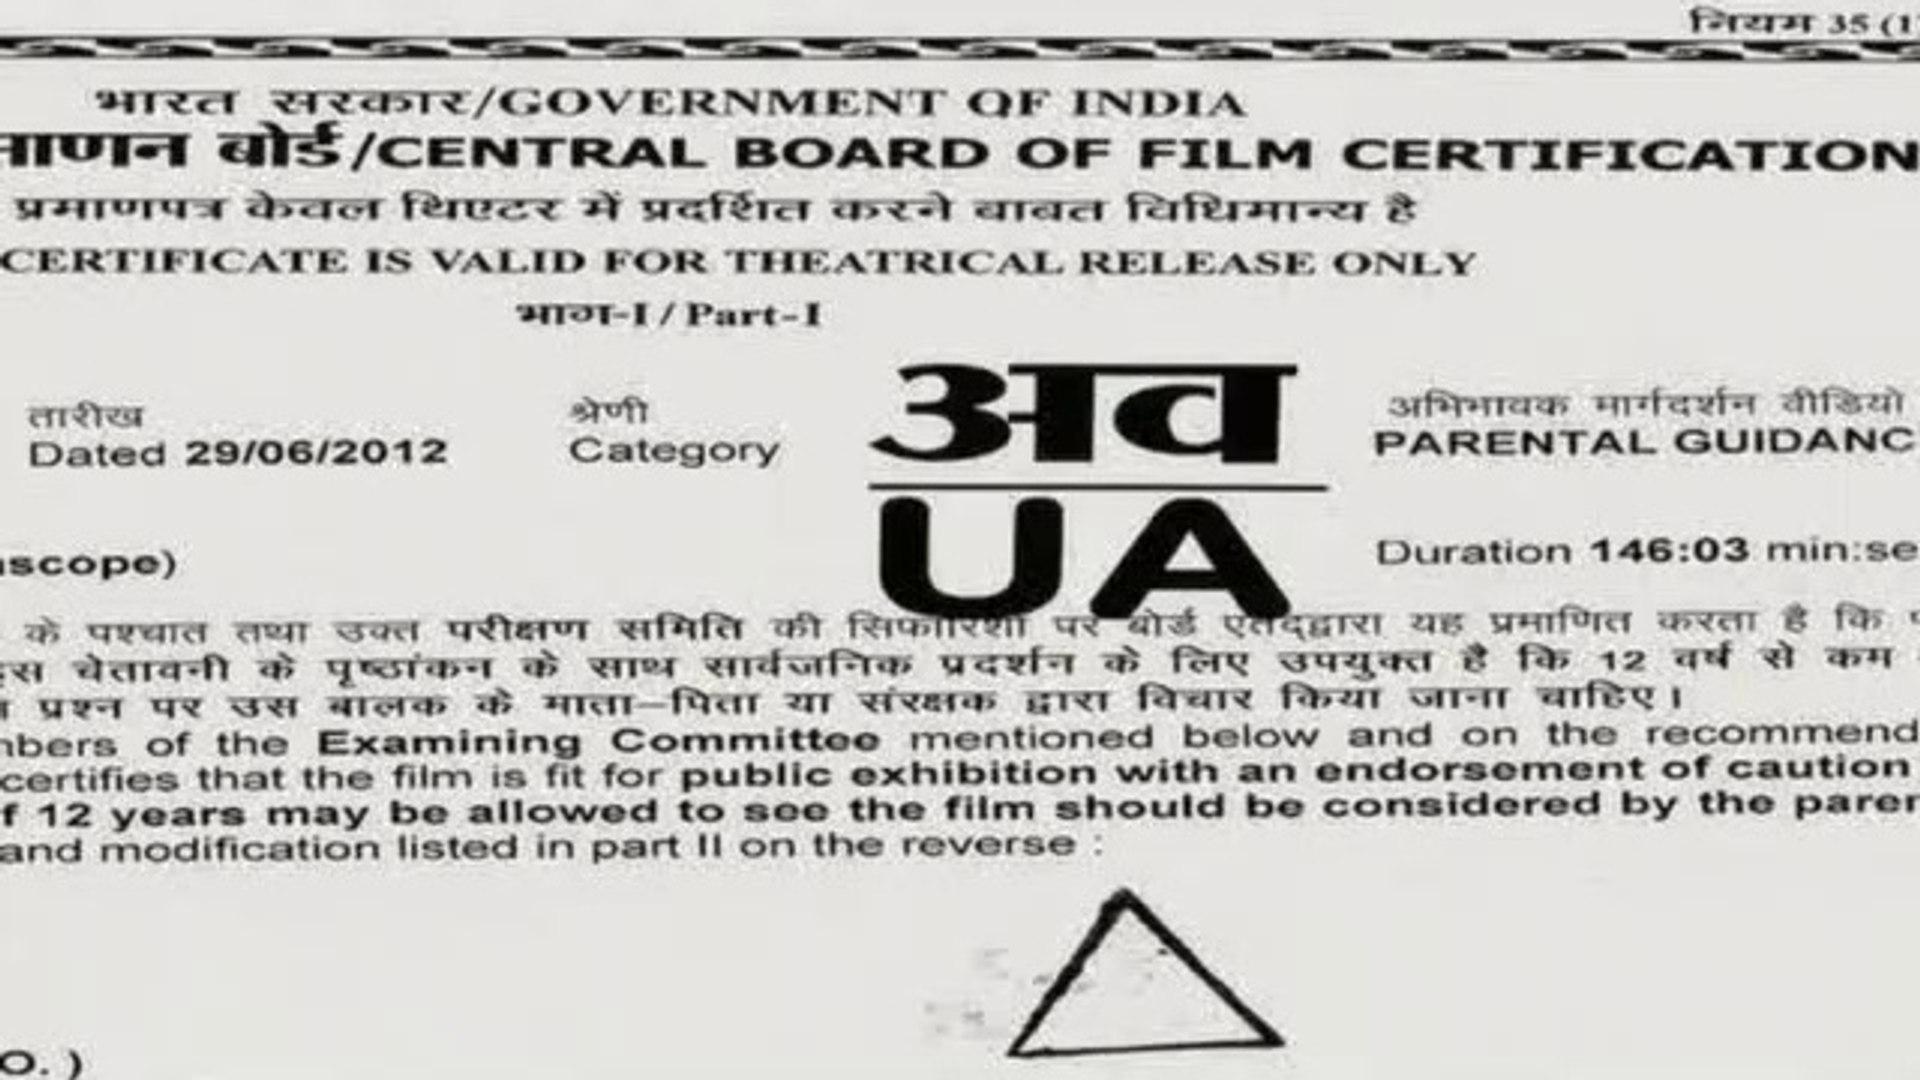 De De Pyaar De Full Hindi Movie